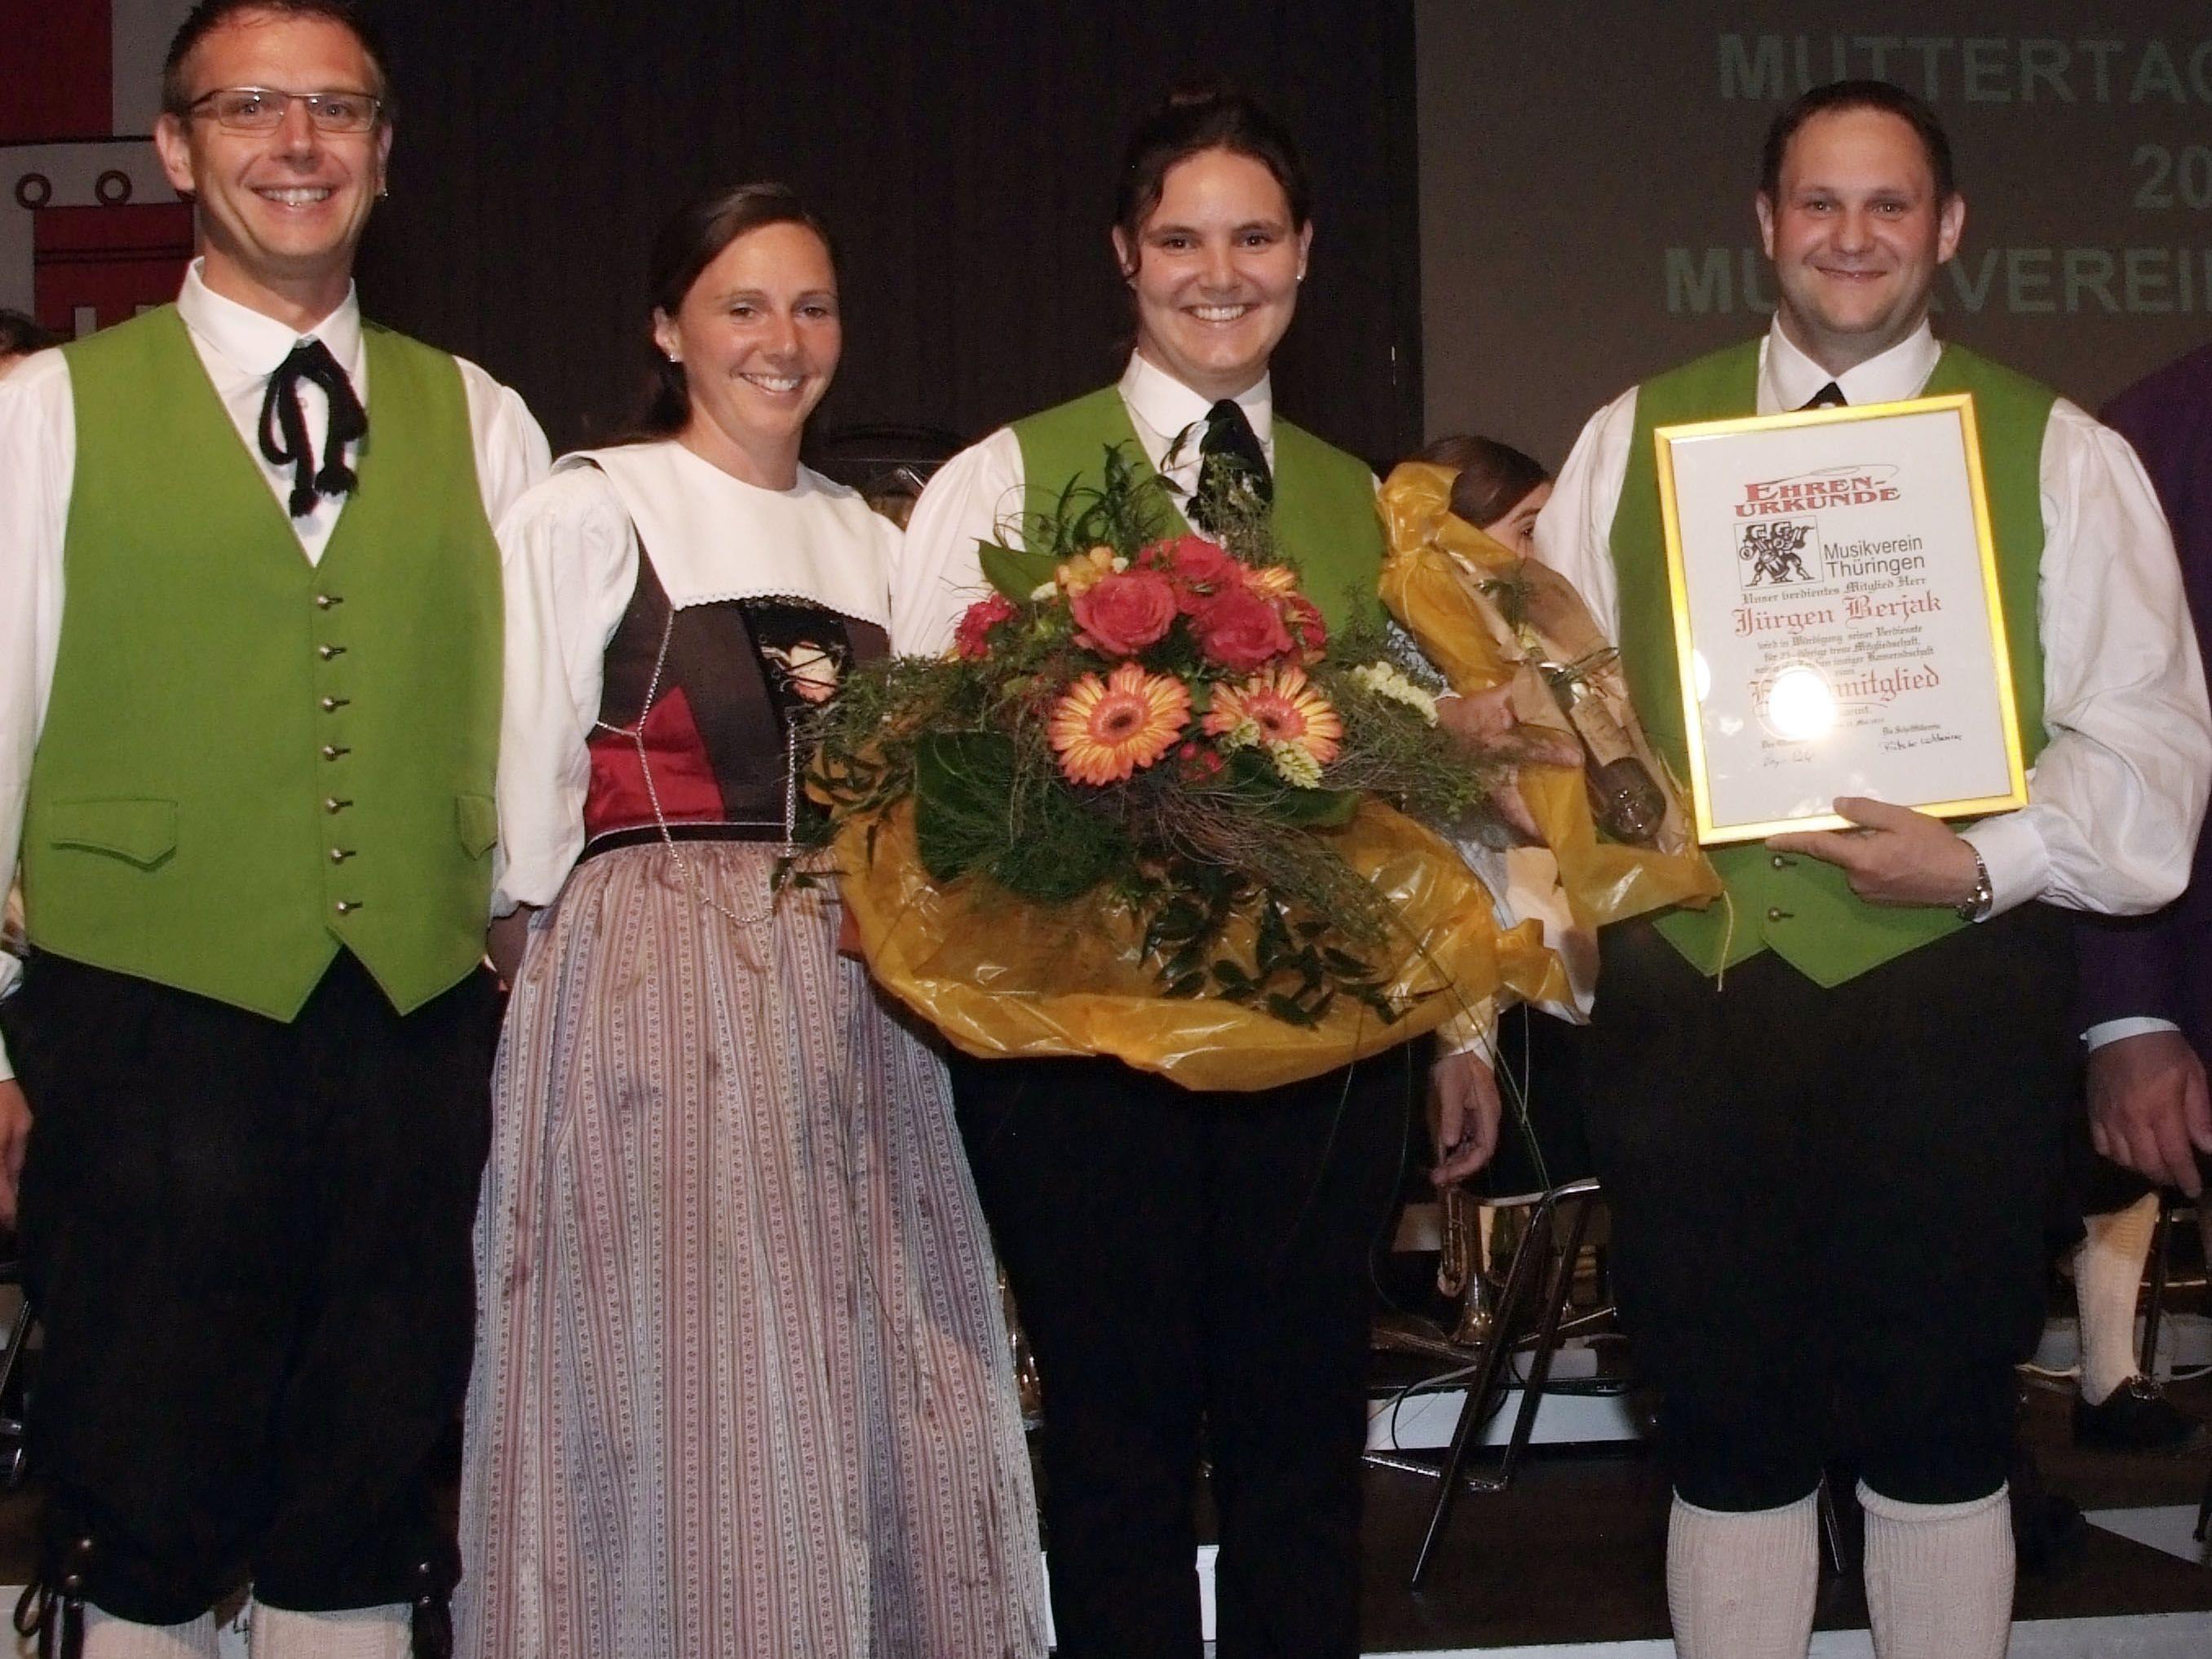 v.li. Vizeobmann Roland Köfler mit Regine, Henriette und Jürgen Berjak.